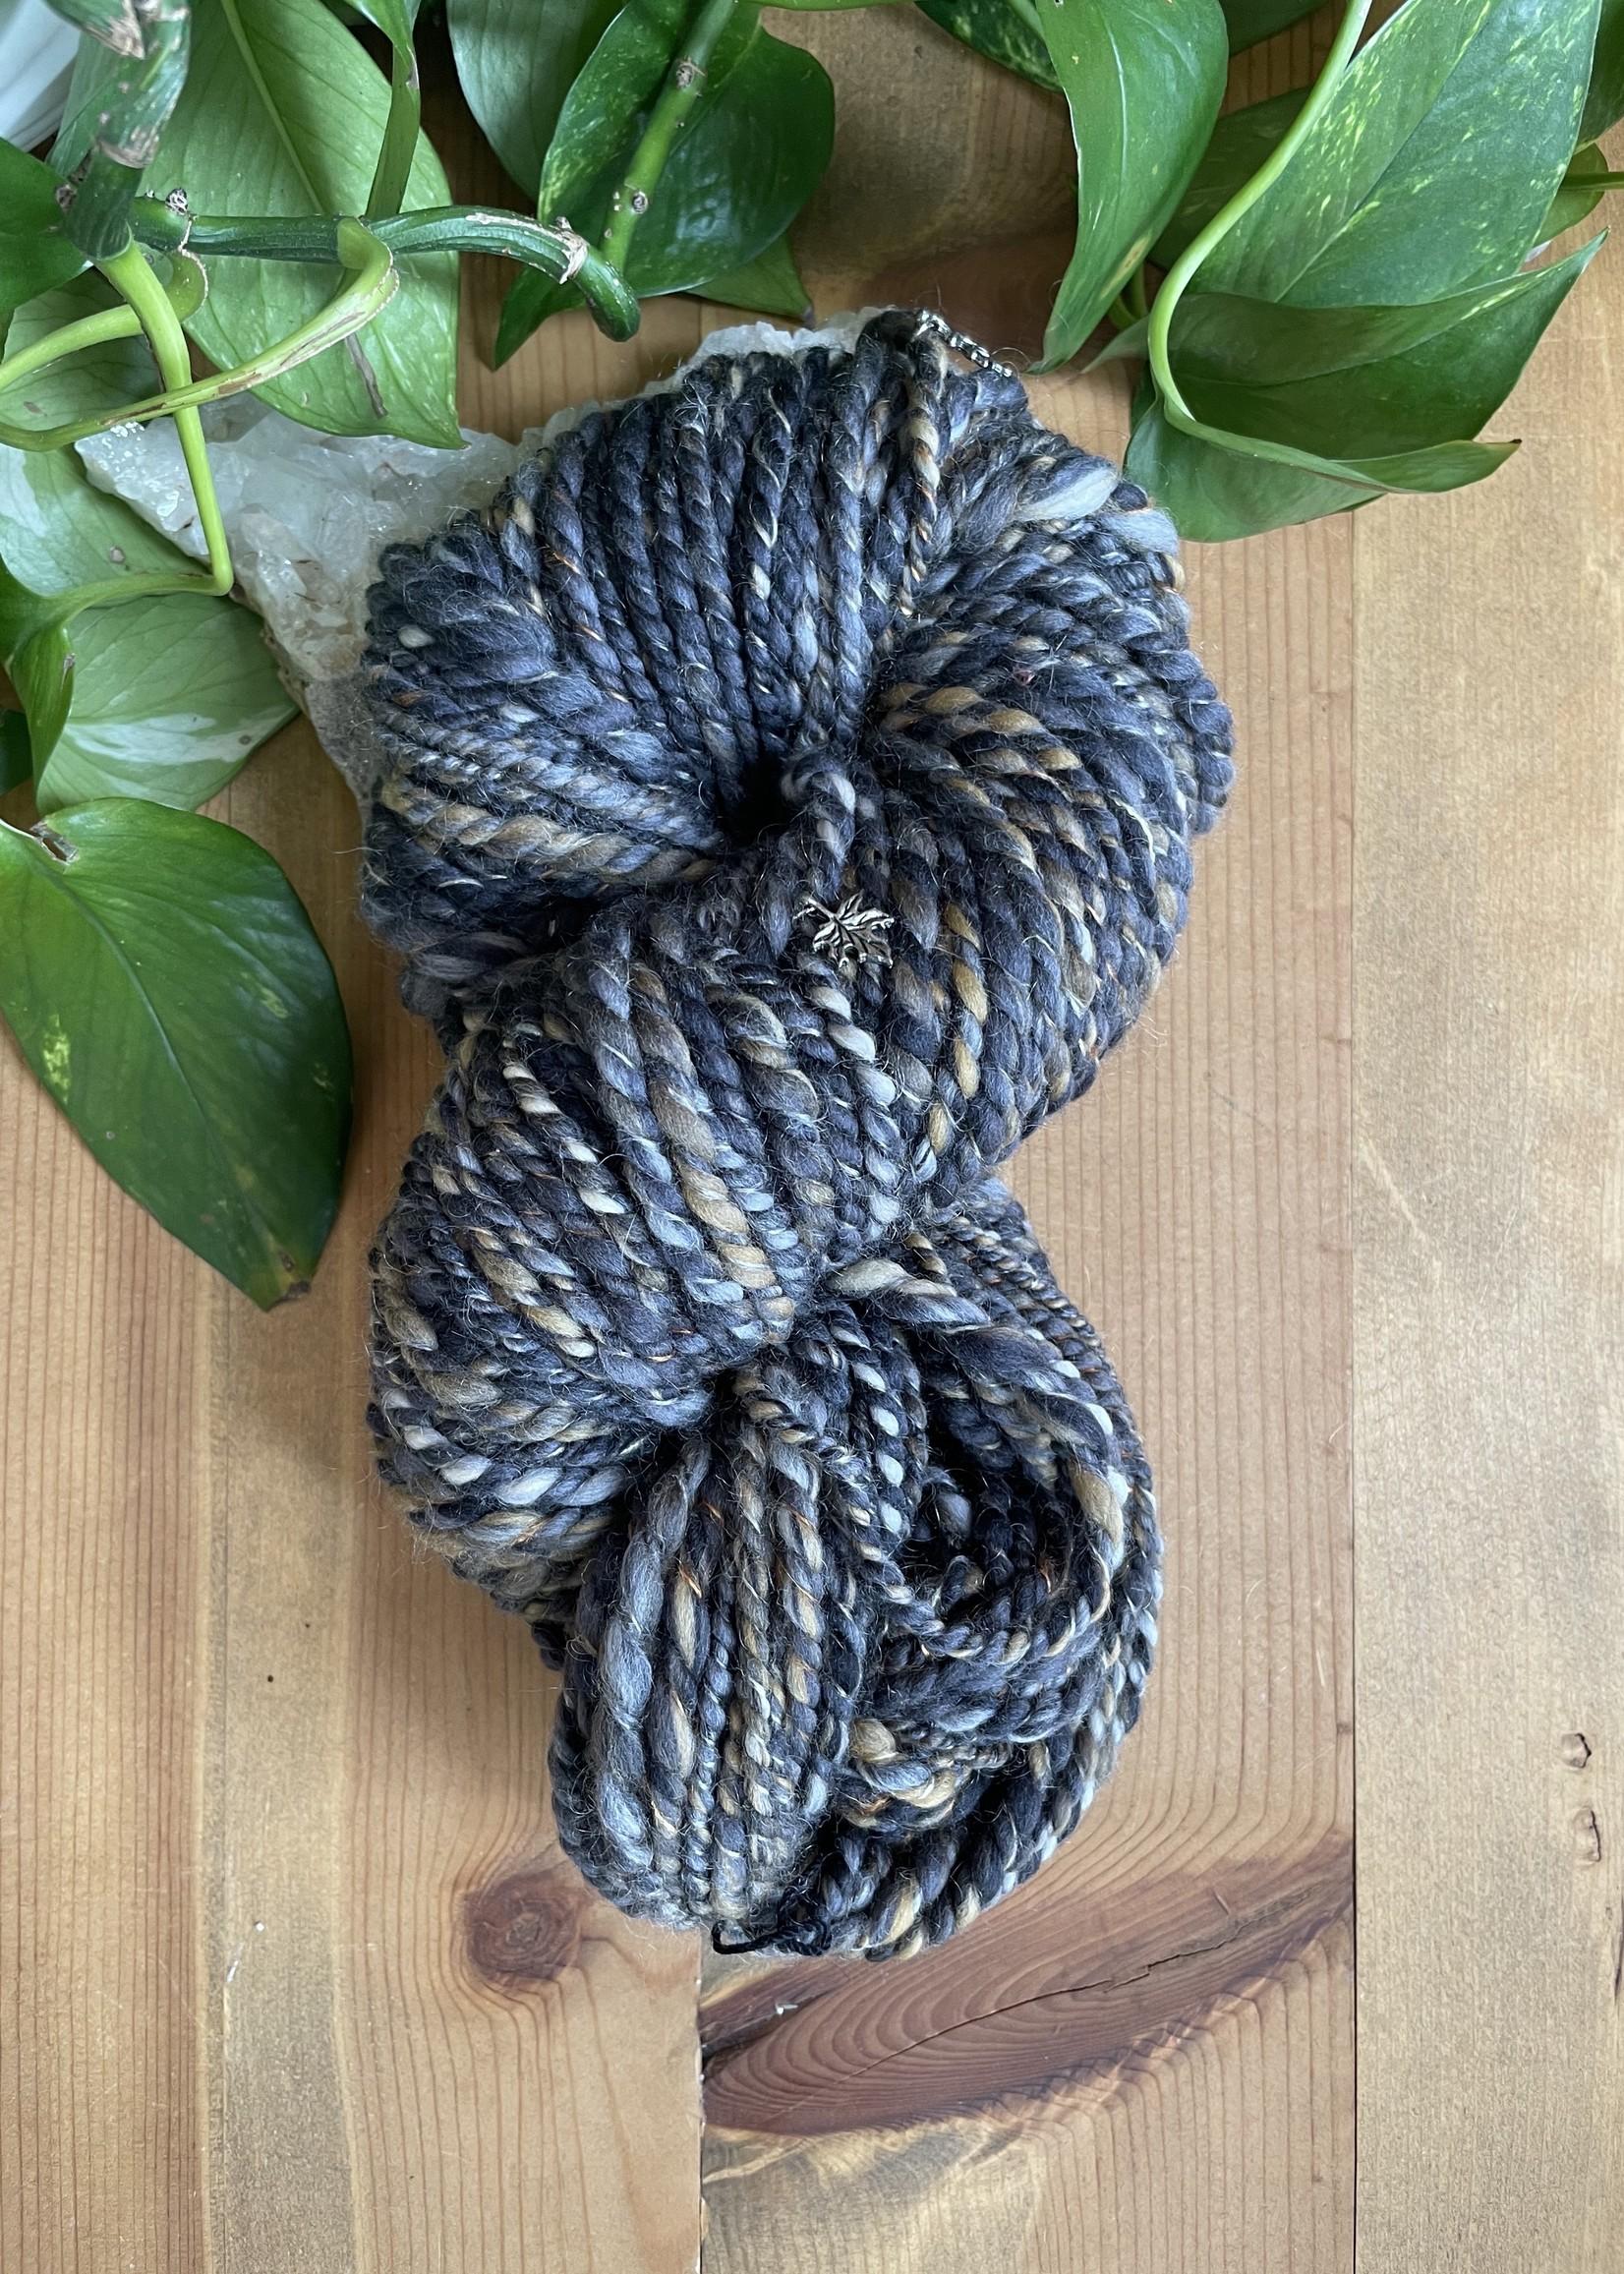 Ruby Slippers Studio Forest Floor In November Art Yarn